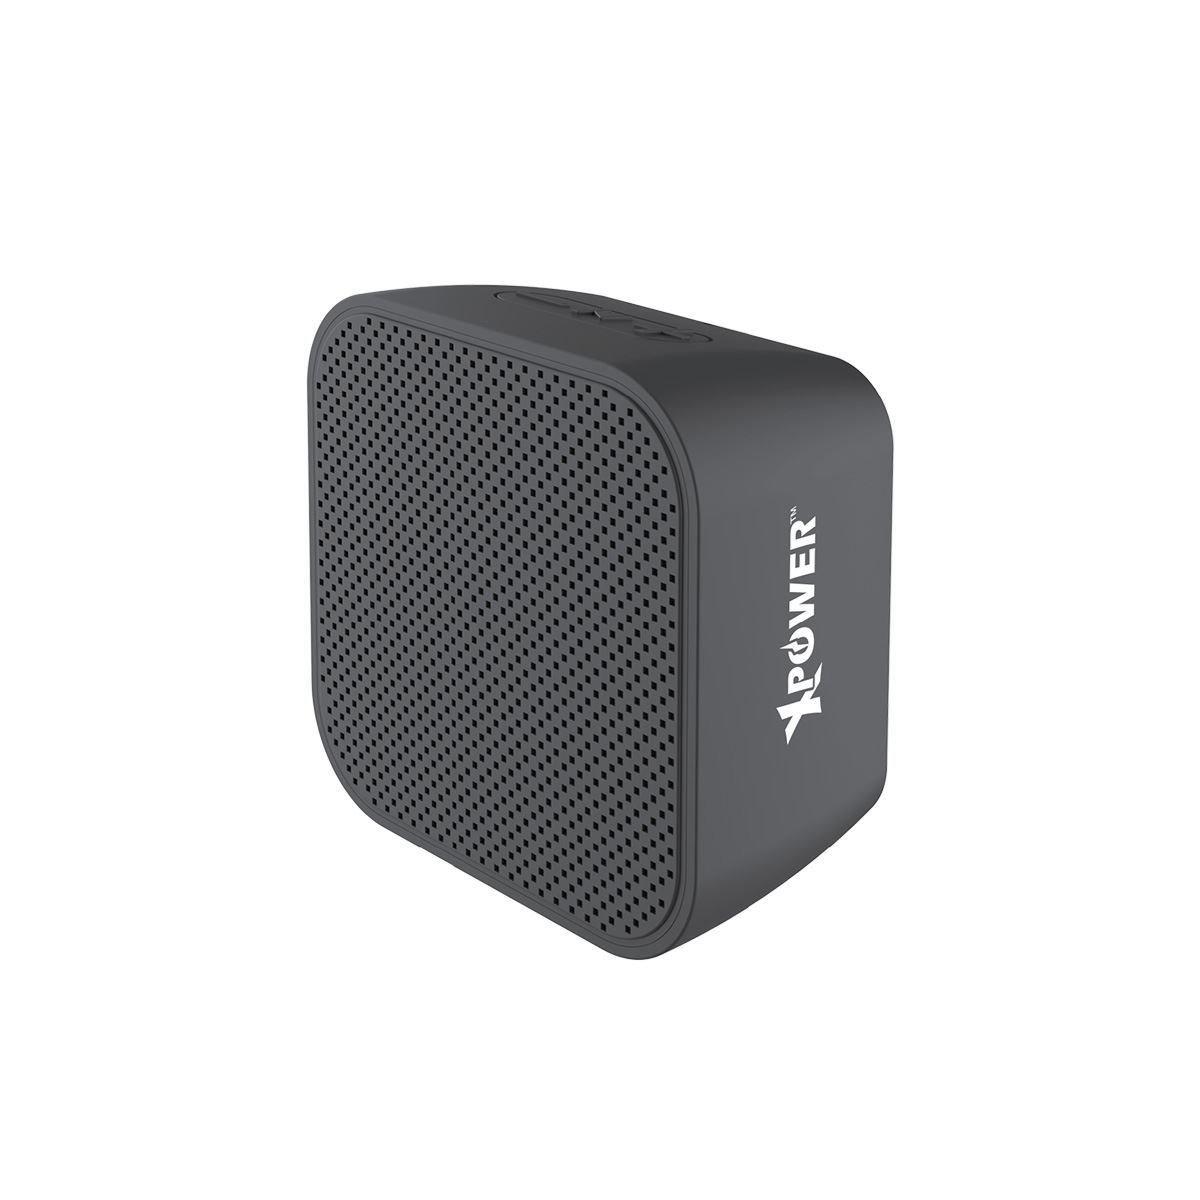 Hands-free + FM + Bluetooth v5.0 Speaker MBS1 Black